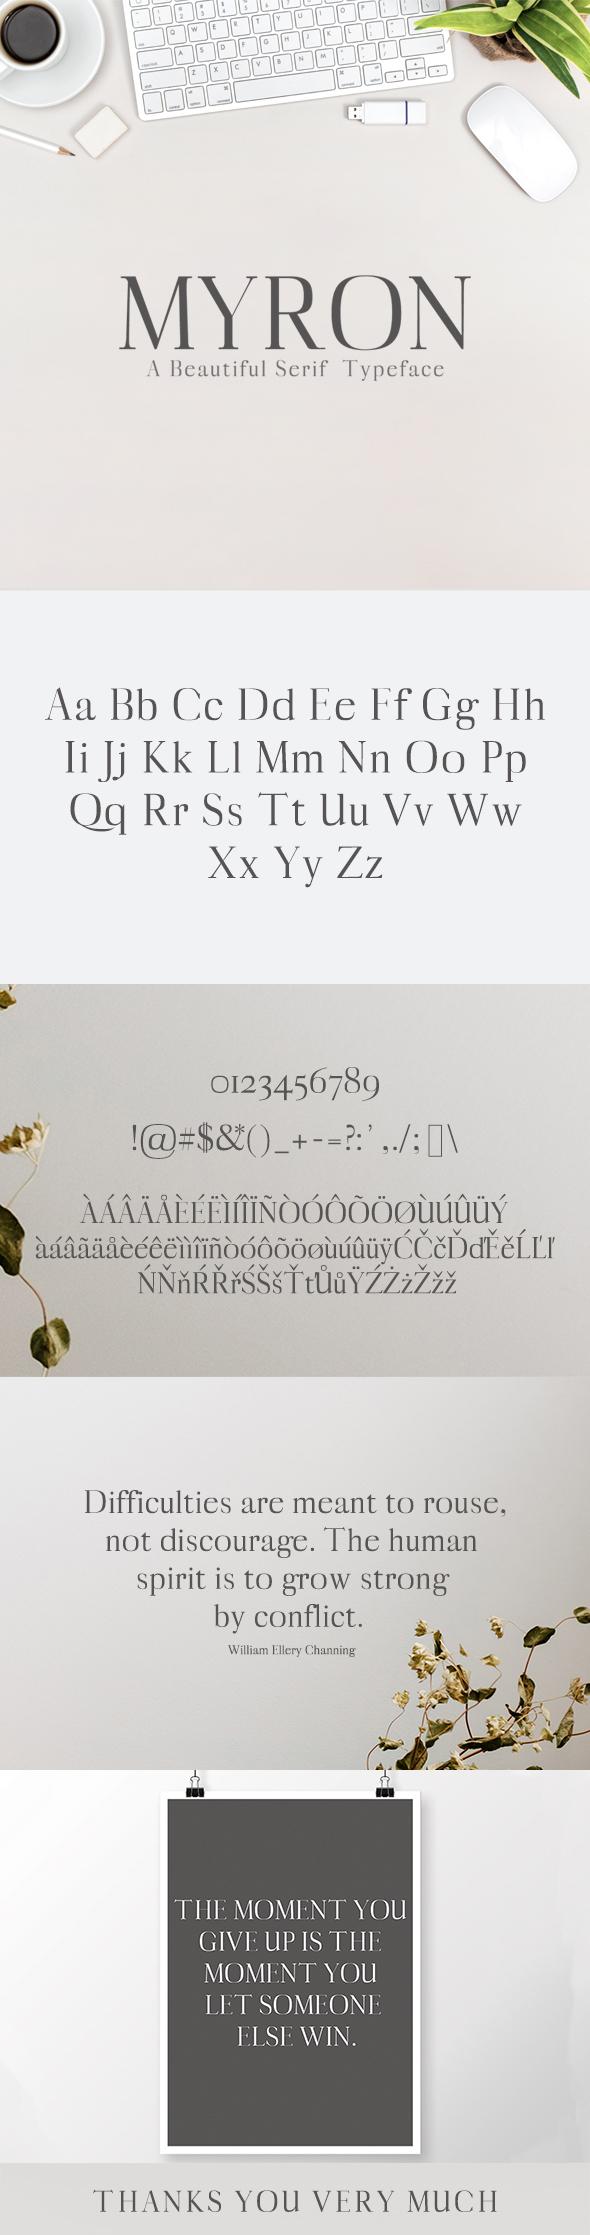 Myron Serif Typeface - Serif Fonts